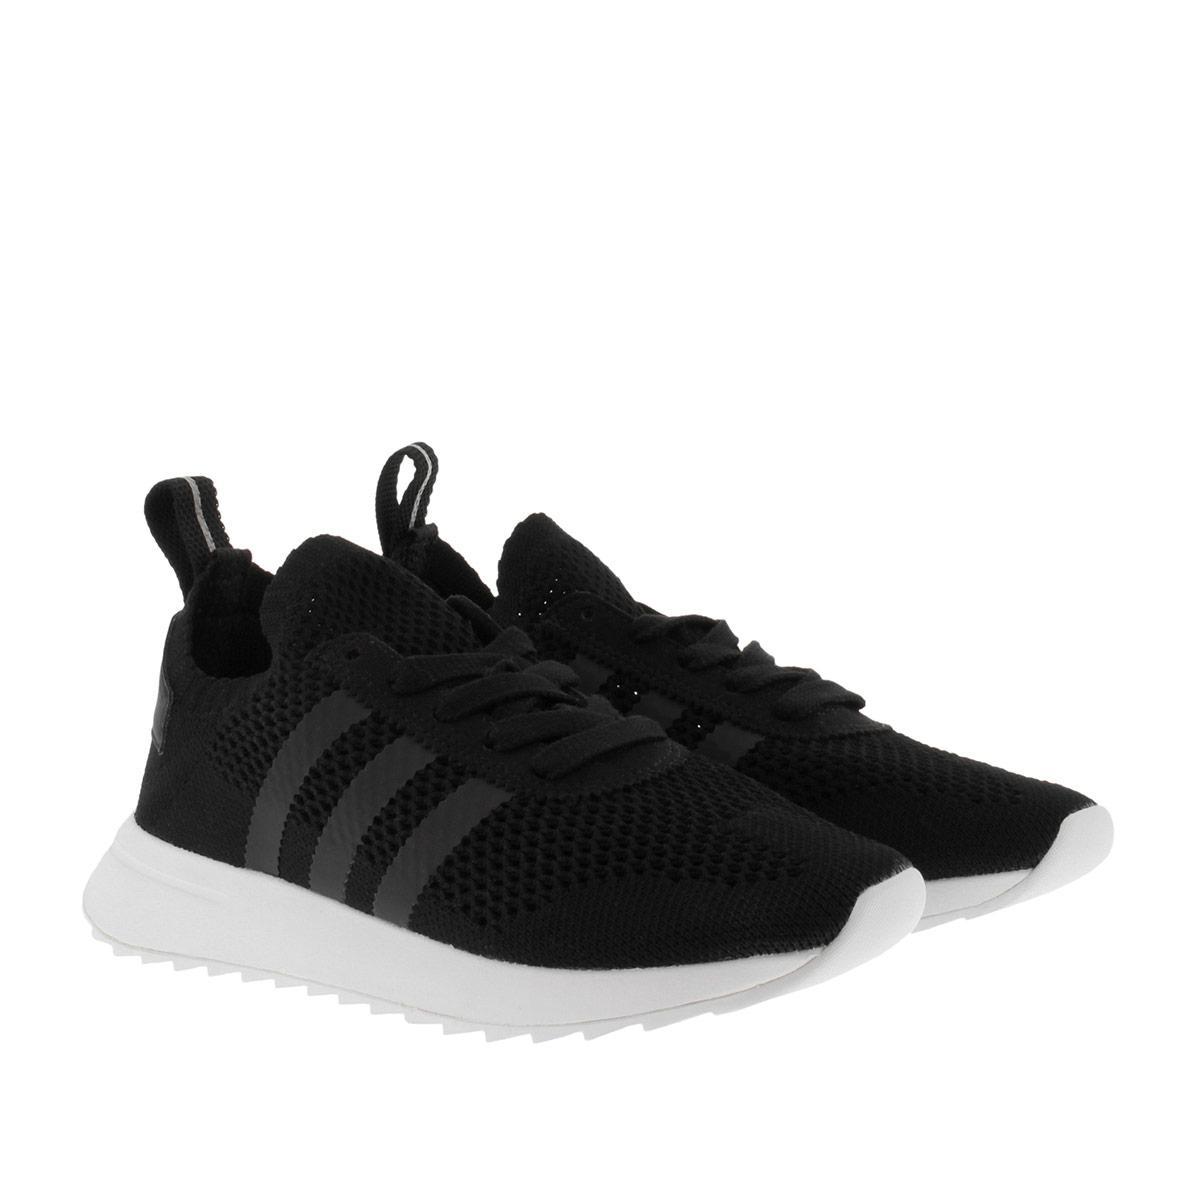 half off 2402f db008 Adidas Originals Primeknit Flashback Sneaker Core Black in B